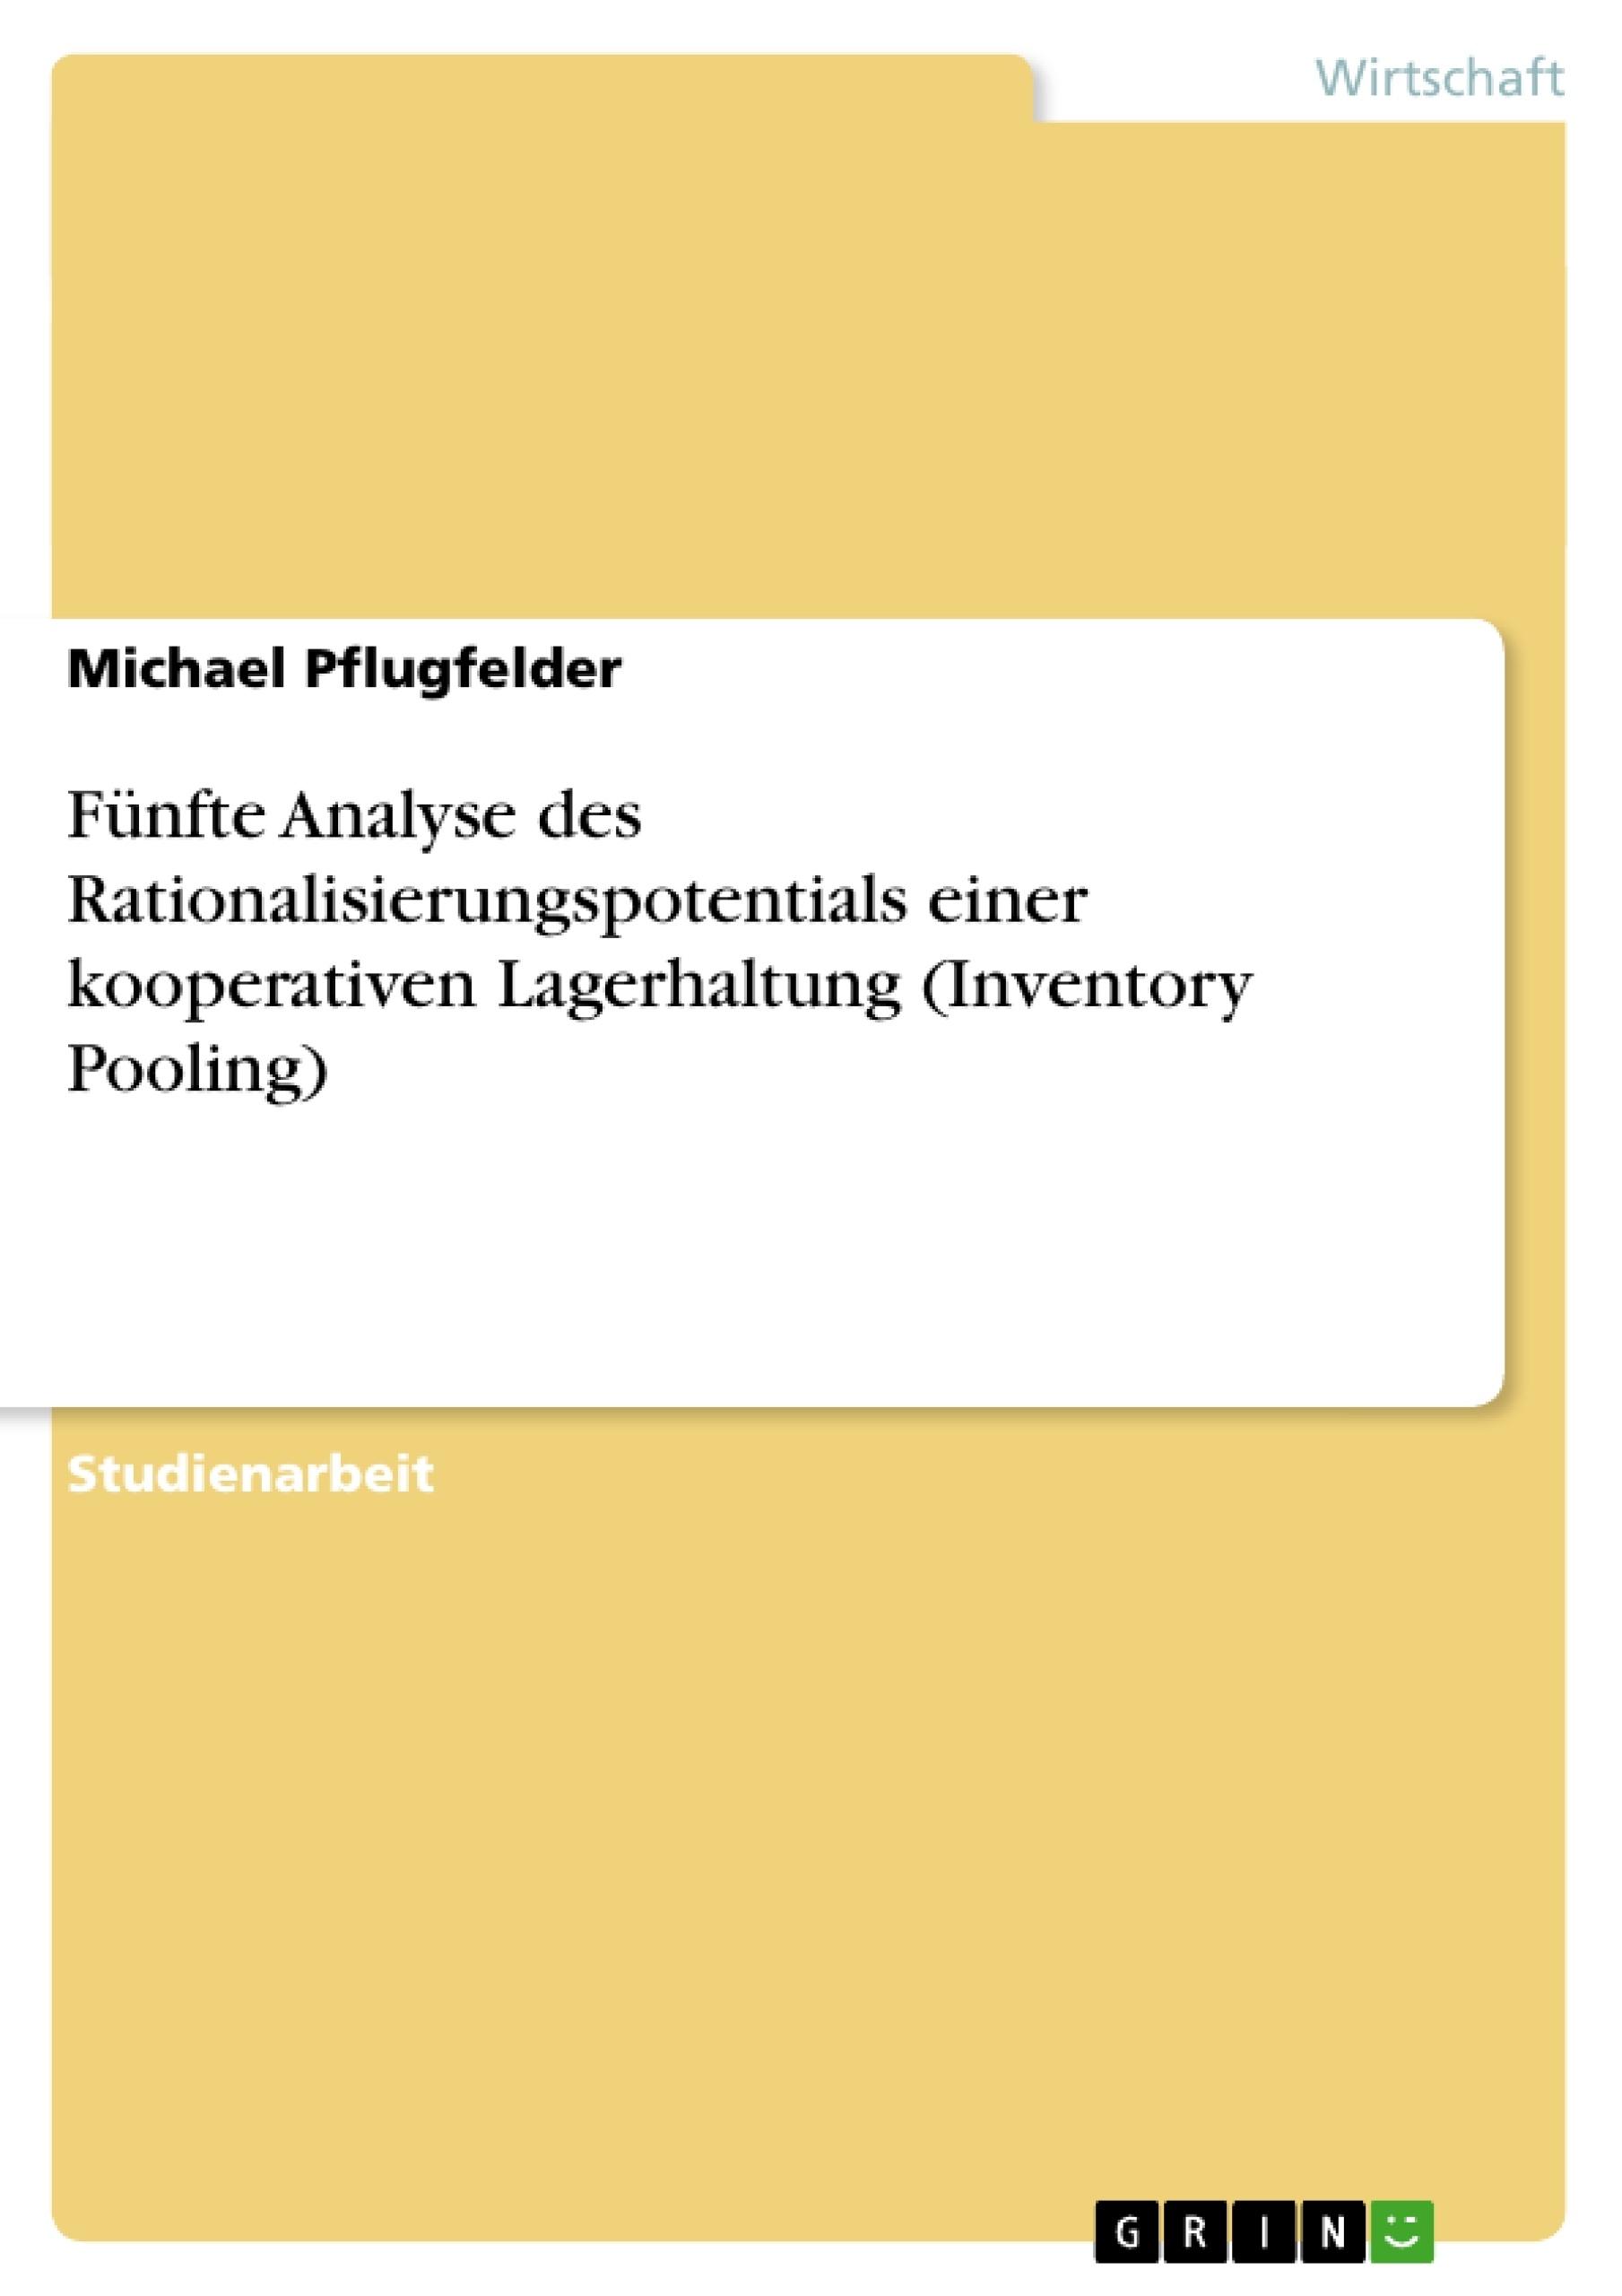 Titel: Fünfte Analyse des Rationalisierungspotentials einer kooperativen Lagerhaltung (Inventory Pooling)